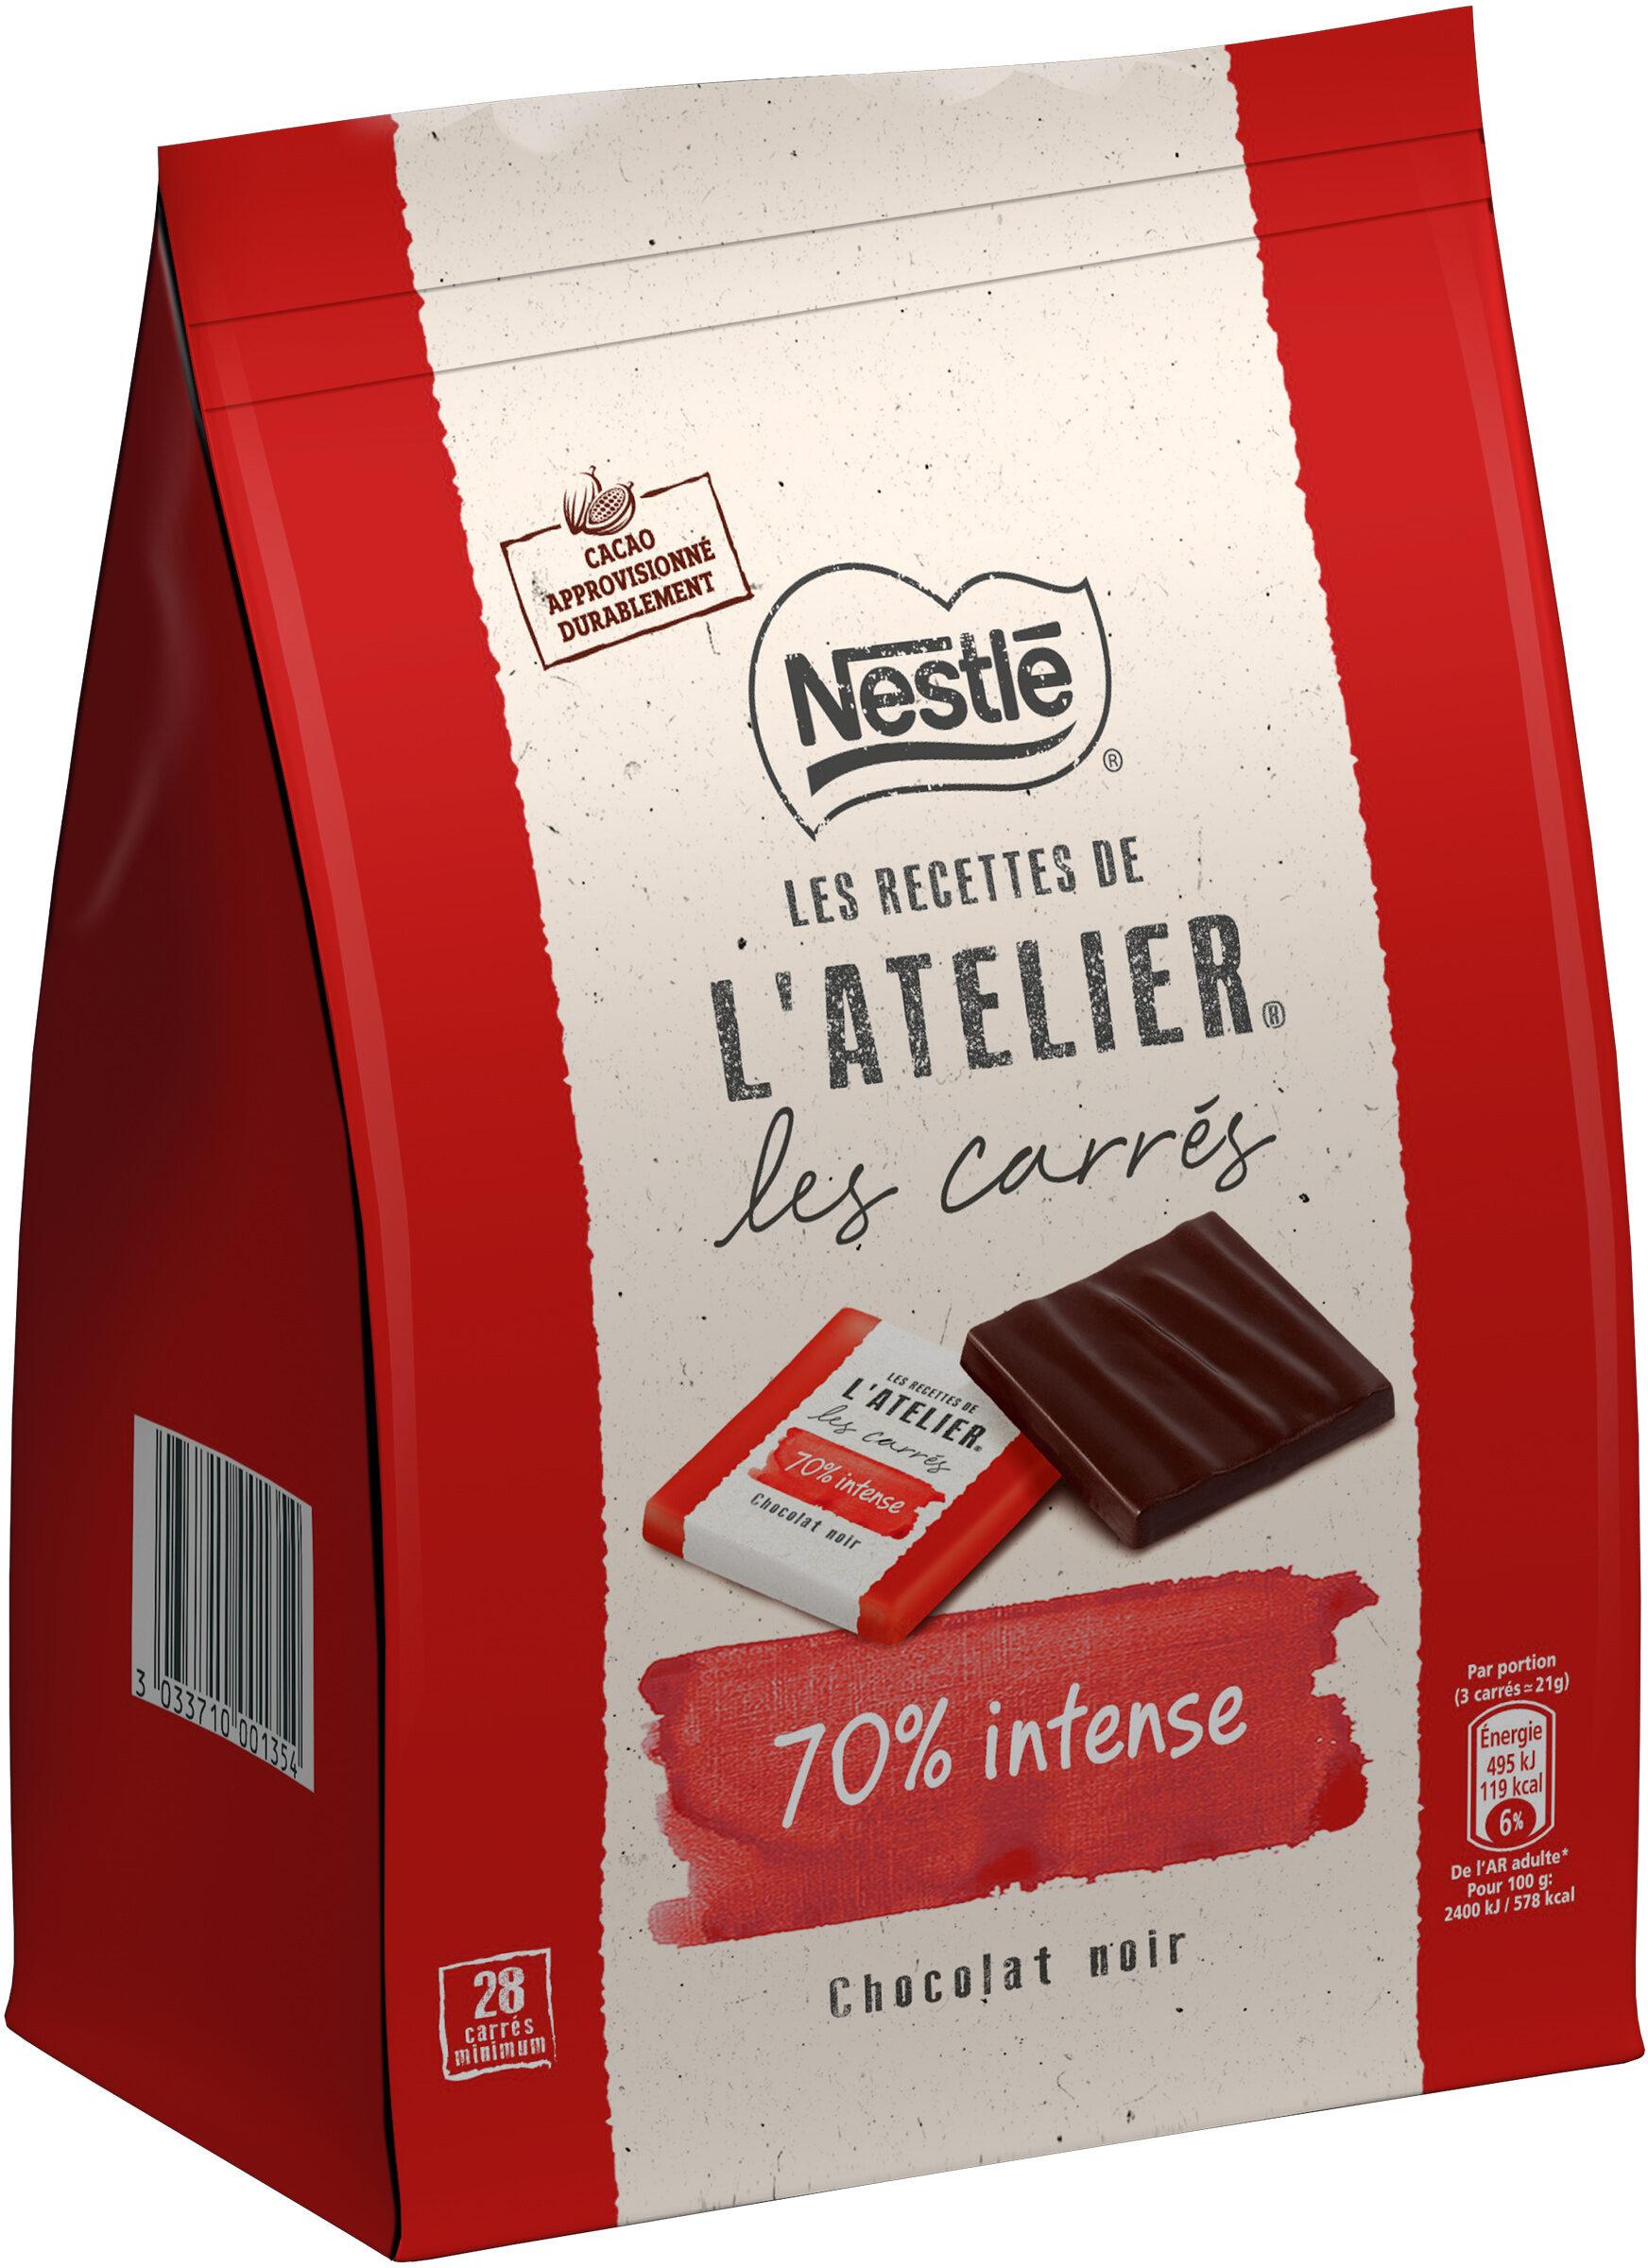 NESTLE L'ATELIER Carrés Dégustation Noir Intense 70% - Product - fr